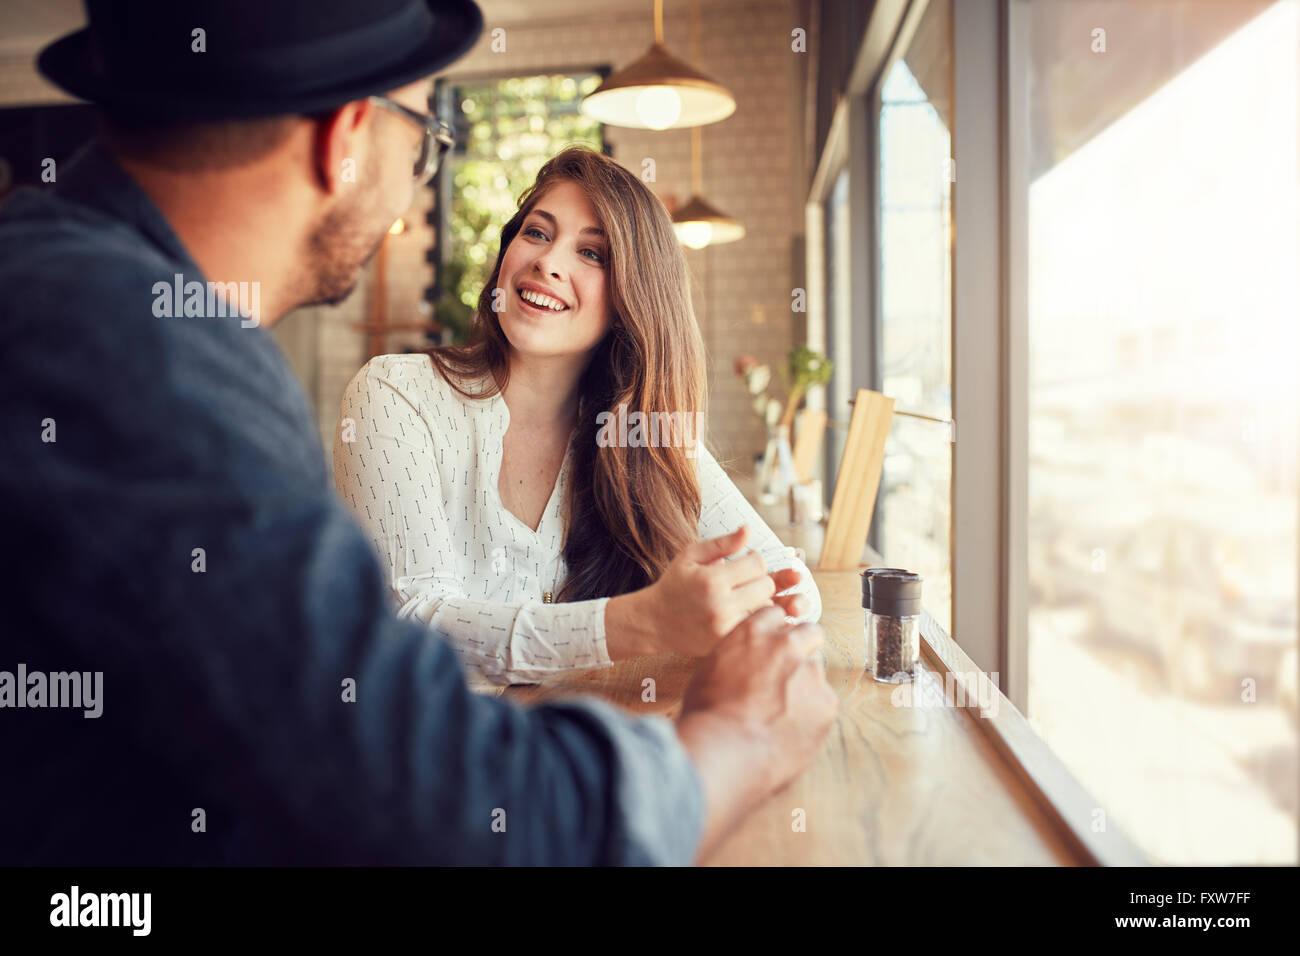 Sorridente giovane donna seduta in un caffè e a parlare con il suo fidanzato. Coppia giovane di trascorrere Immagini Stock